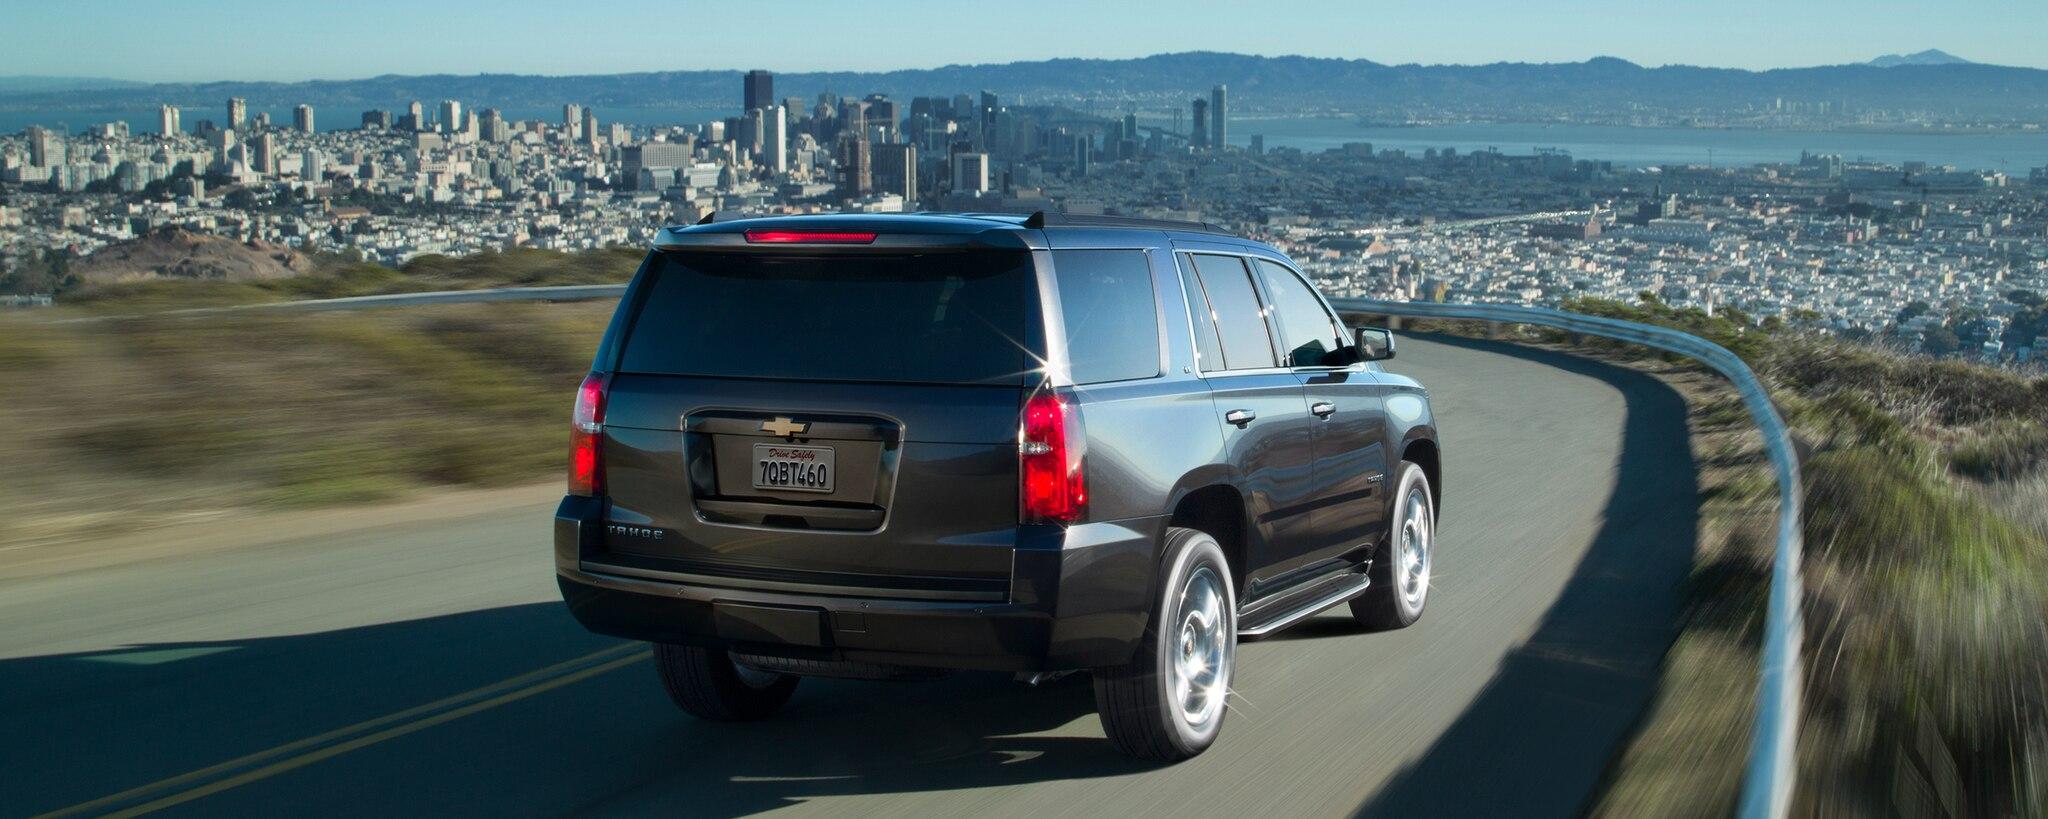 Vehículos comerciales de Chevrolet: SUV de tamaño completo Tahoe: vista trasera